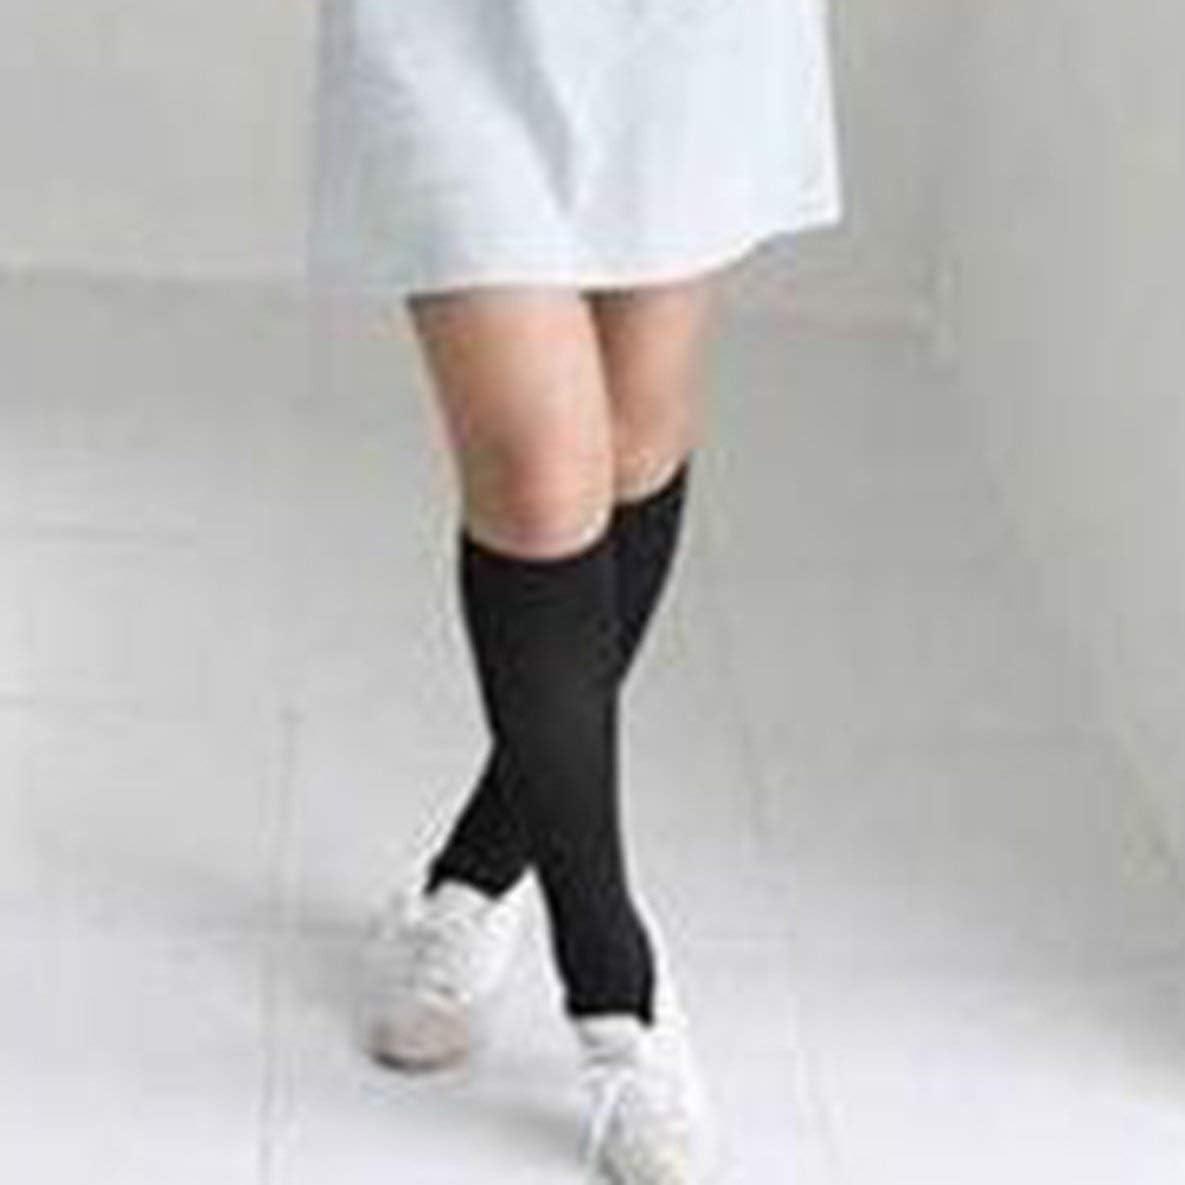 Nero Studentesse delle scuole Superiori Anime Calze Cosplay Coscia di Velluto Bianco Nero Calze Alte Calze sopra Il Ginocchio nbvmngjhjlkjlUK Calze Alte di Gilrs